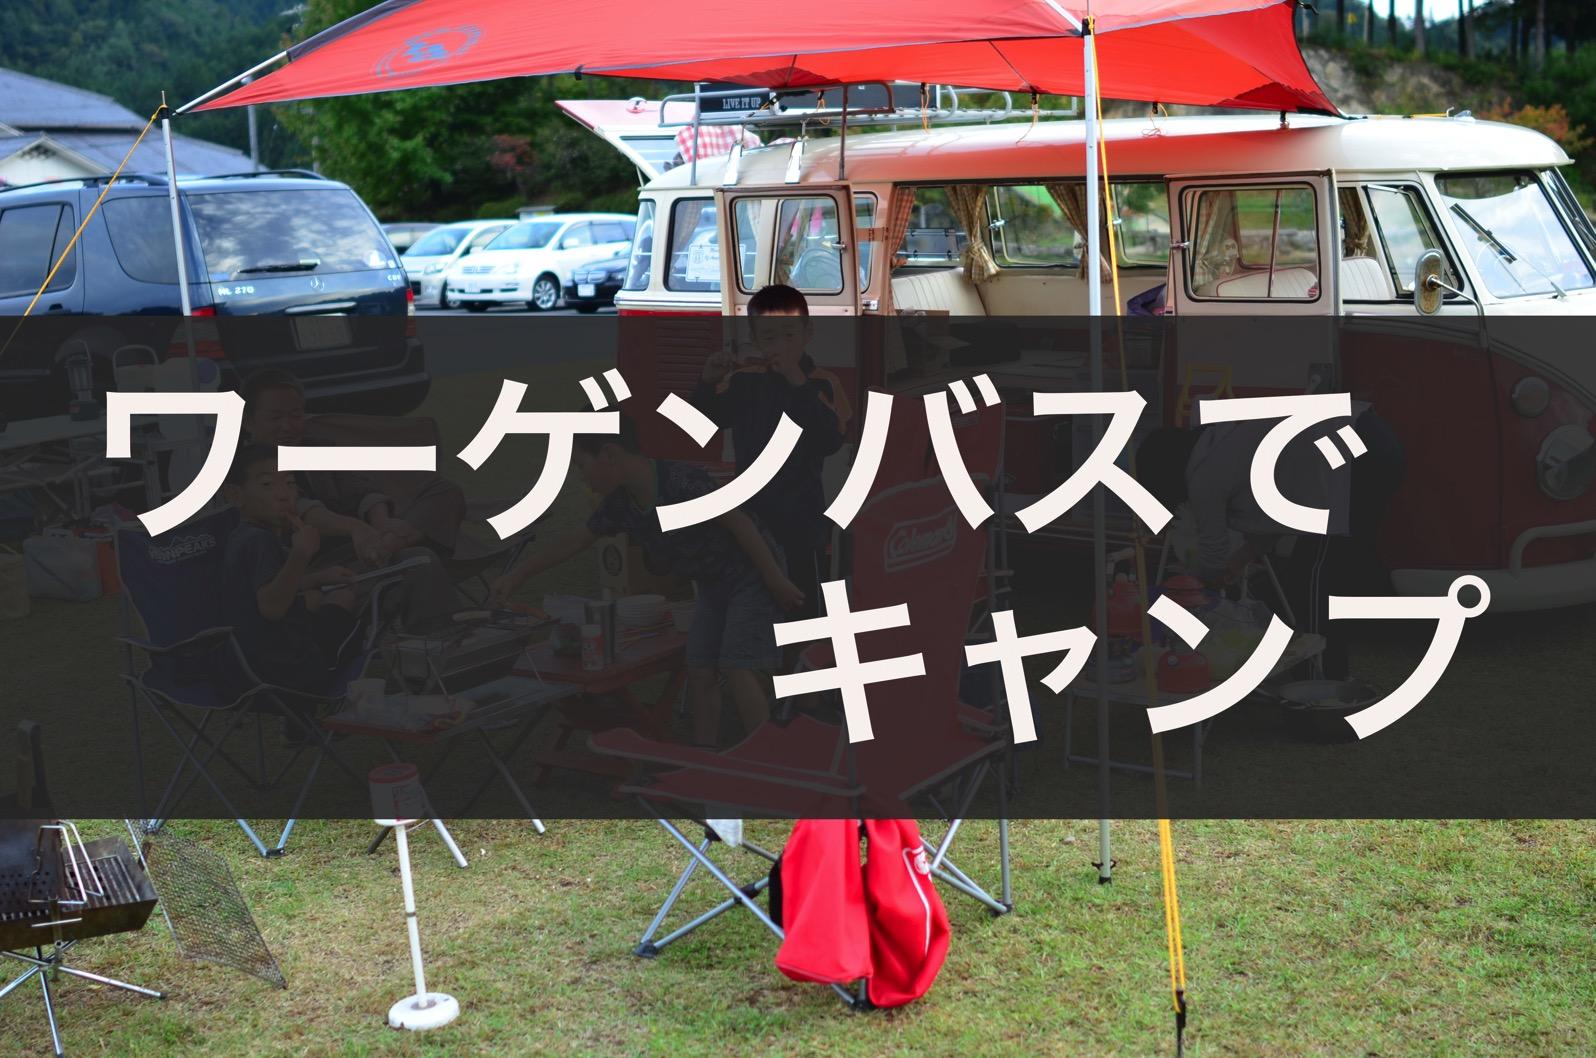 お花見グルメキャンプ!福岡ローマン渓谷オートキャンプ場